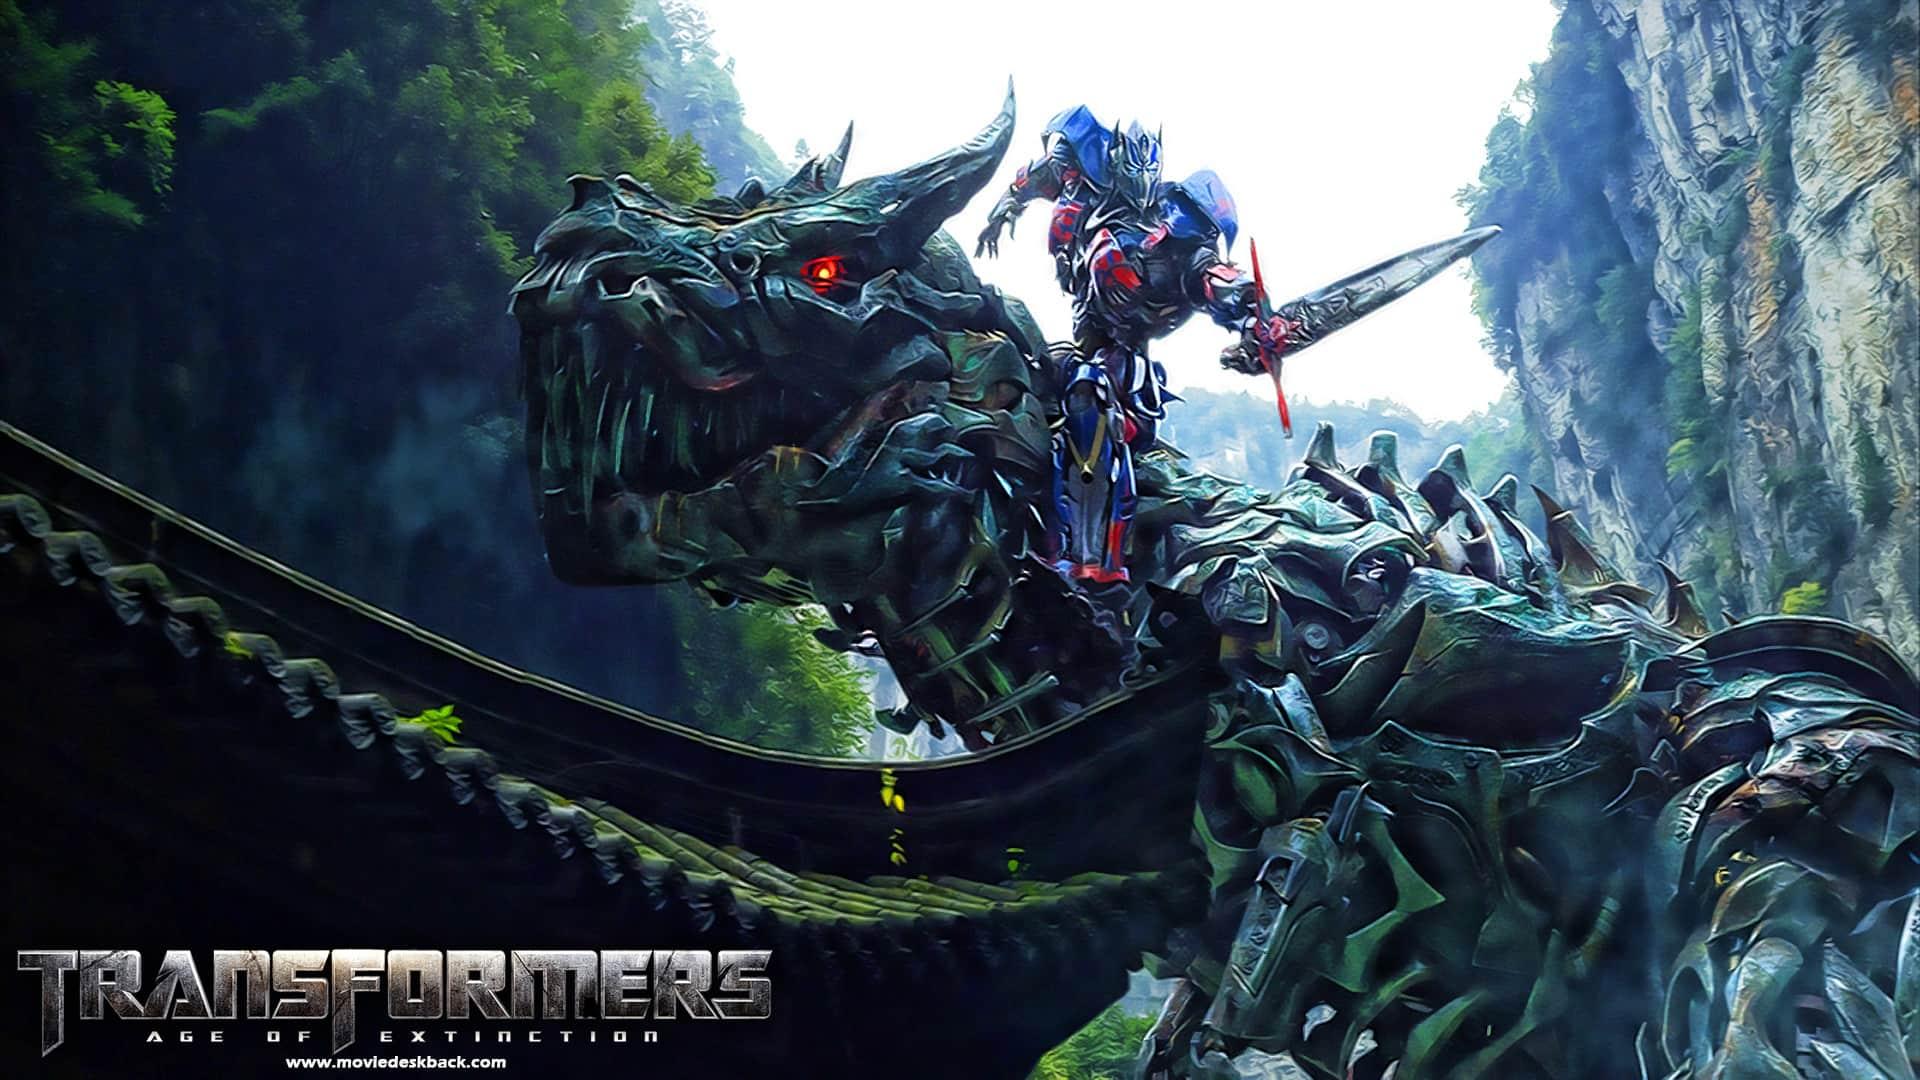 Imagen promocional de Transformers 4: Age of Extinction cinta nominada a los Razzie 2014. Los Premios Razzie ha anunciado los nominados  a los premios Razzie de 2014, entre los principales nominados están 'Transformers: Age of Extinction', 'A Million Ways to Die' y 'Sex Tape'. Los Premios Razzies 2014 han revelado sus nominados, entre los principales están Transformers: Age of Extinction', 'A Million Ways to Die', 'Sex Tape', 'Saving Christmas de Kirk Cameron', 'Noah' y 'Left Behind' de Nicolas Cage.